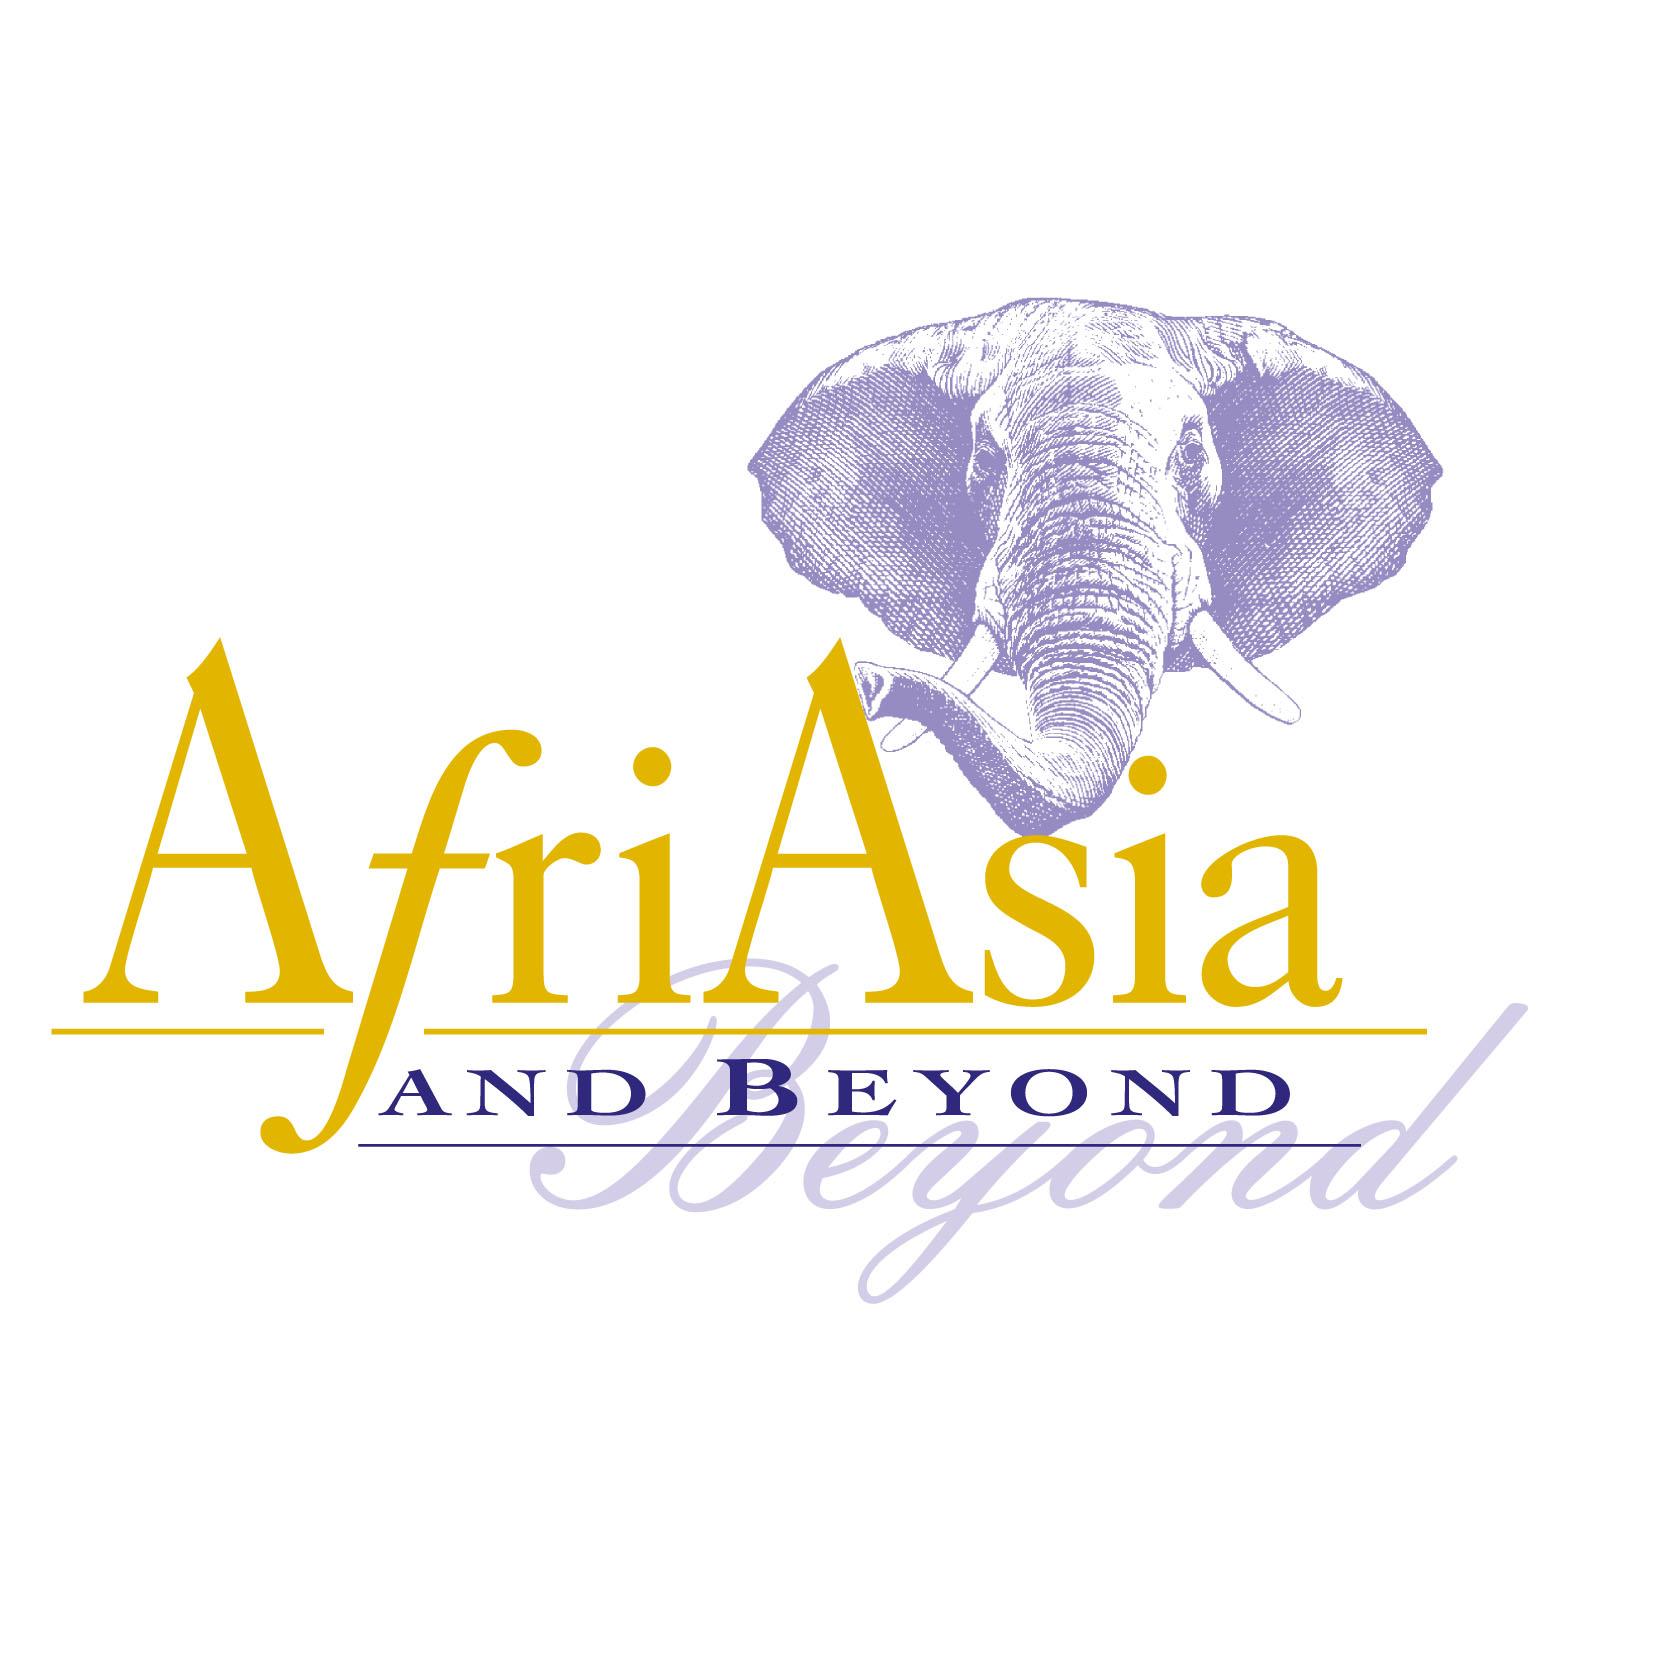 Africa Asia Travel Logo Design